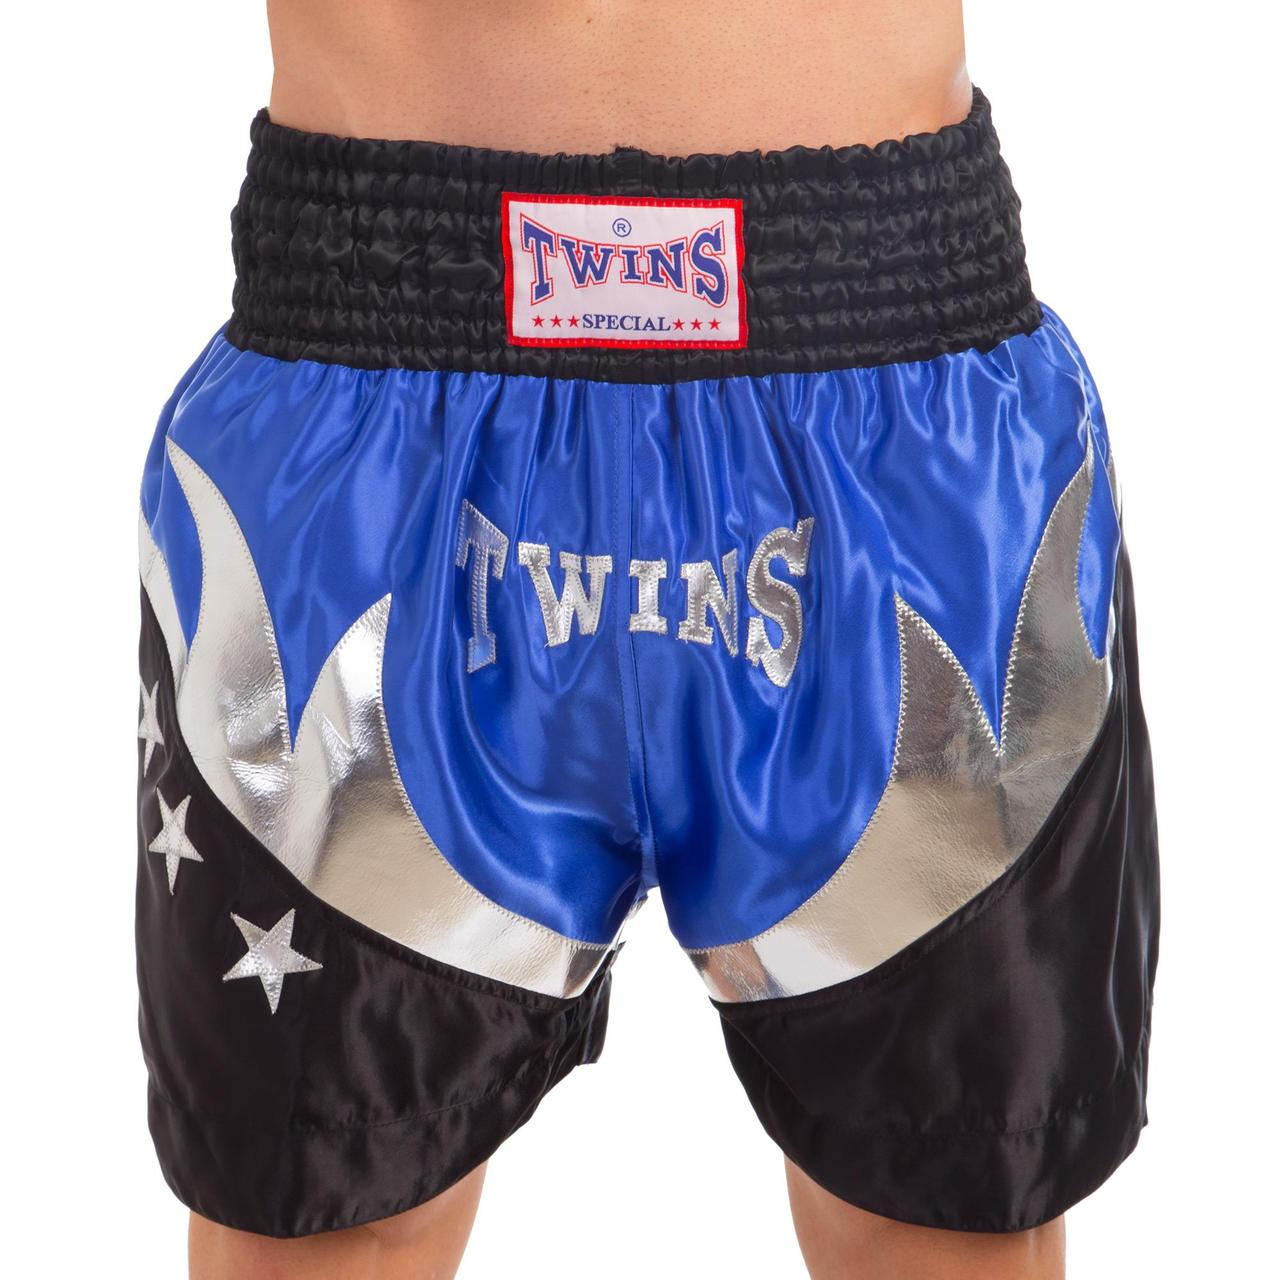 Шорты для тайского бокса и кикбоксинга TWN ZB-6141 (полиэстер, р-р M-XL (46-52), цвета в ассортименте)